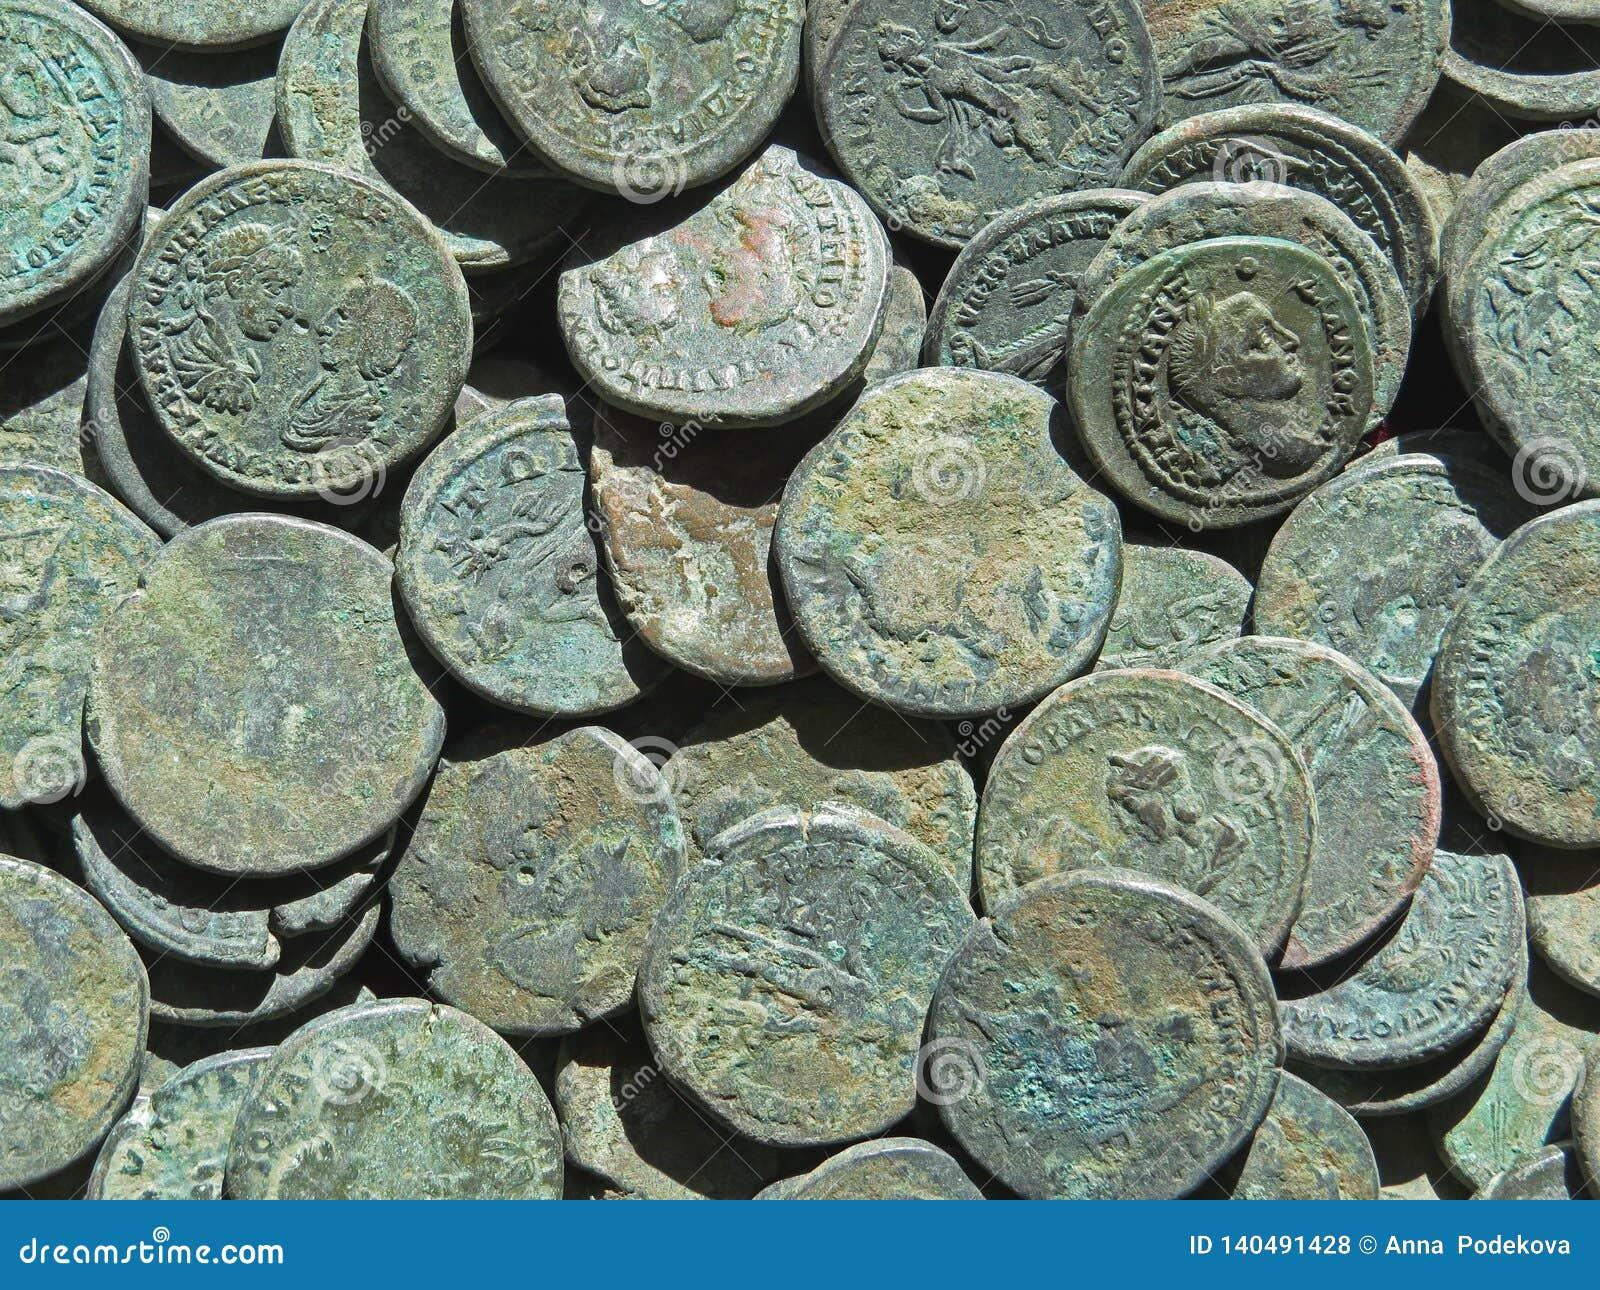 Alter Münzenschatz Gestempeltes kupfernes rundes Geld